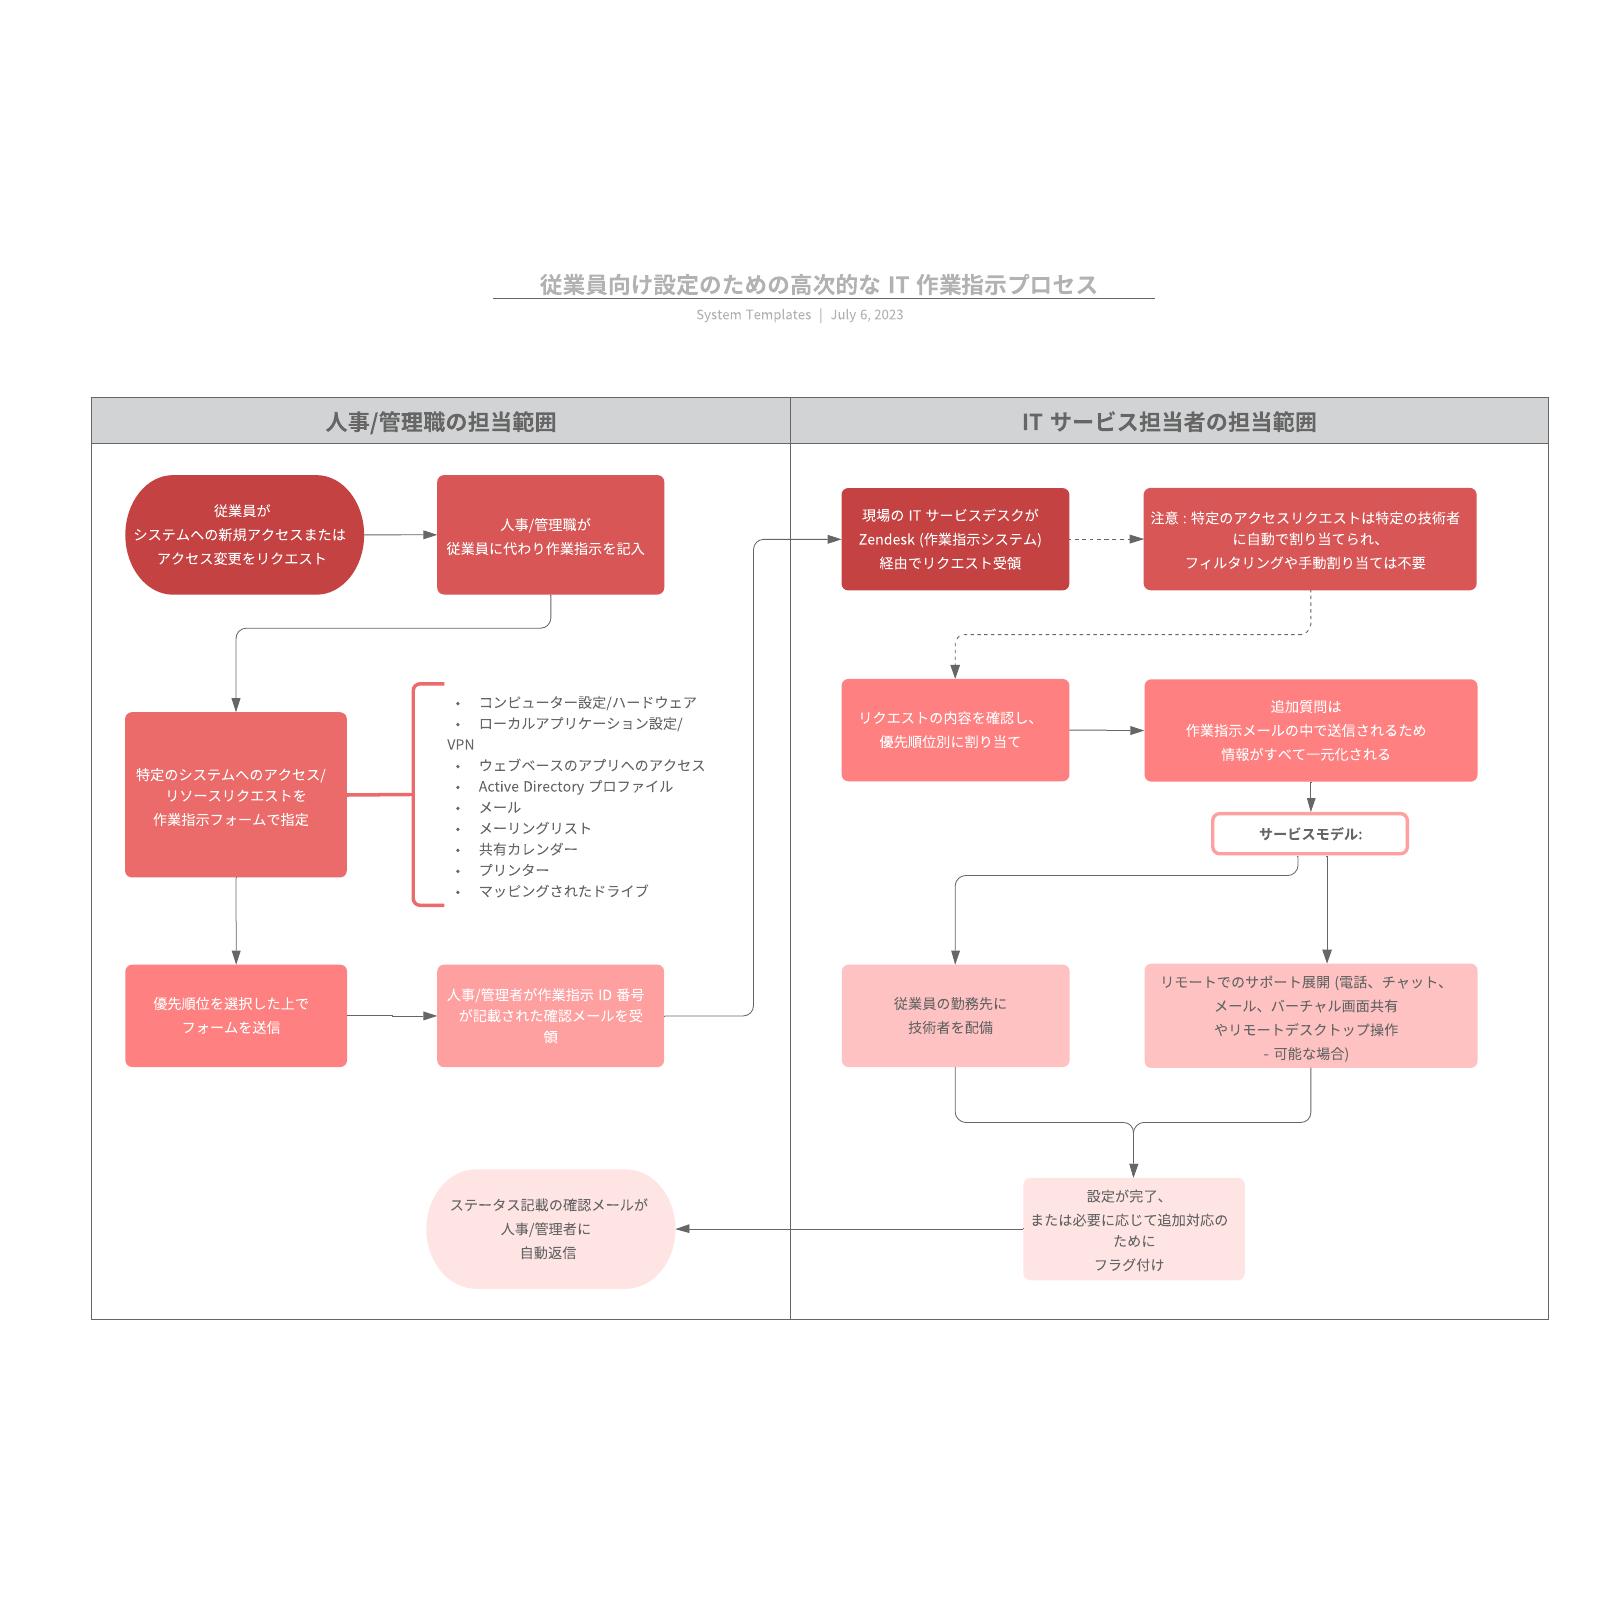 業務プロセスマニュアルテンプレート・フローチャート事例